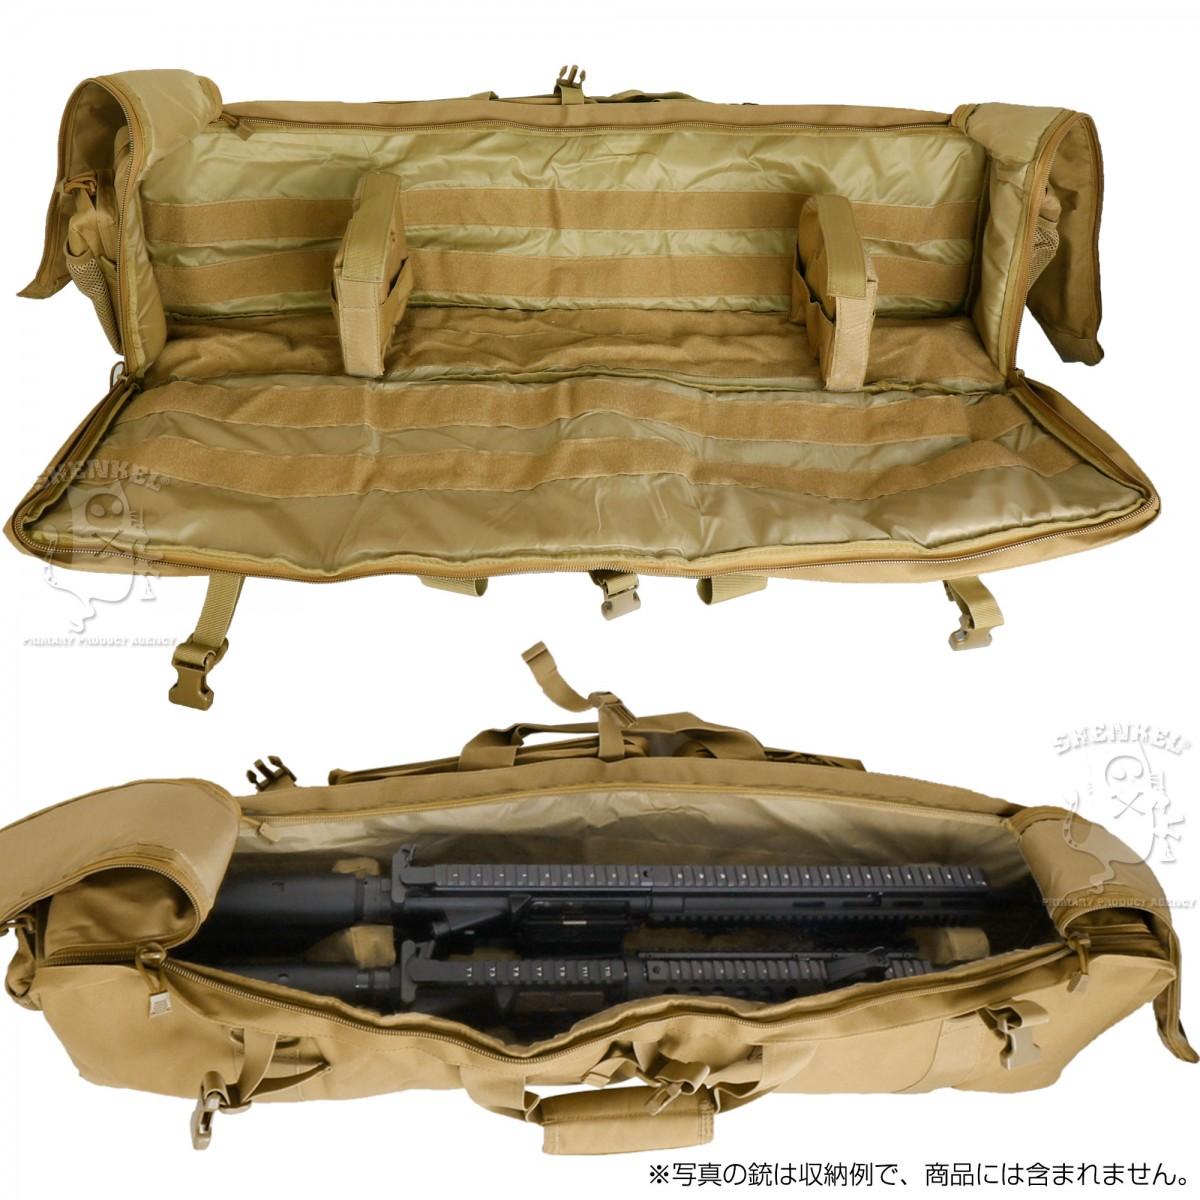 大容量ガンケース アサルトライフル2丁収容可 M249 ライフルケース 100cm